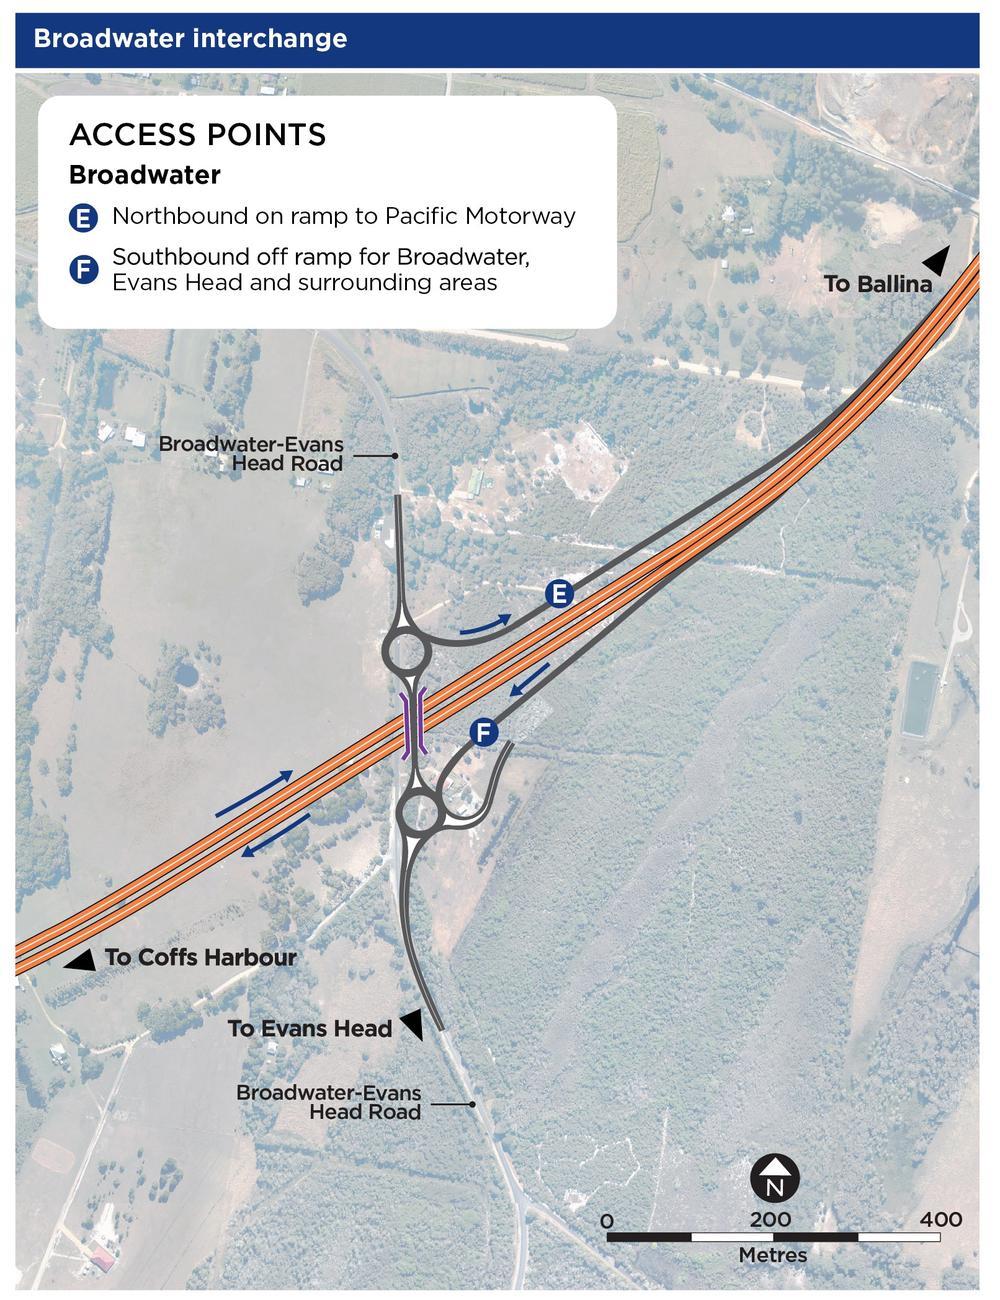 New Broadwater interchange arrangements